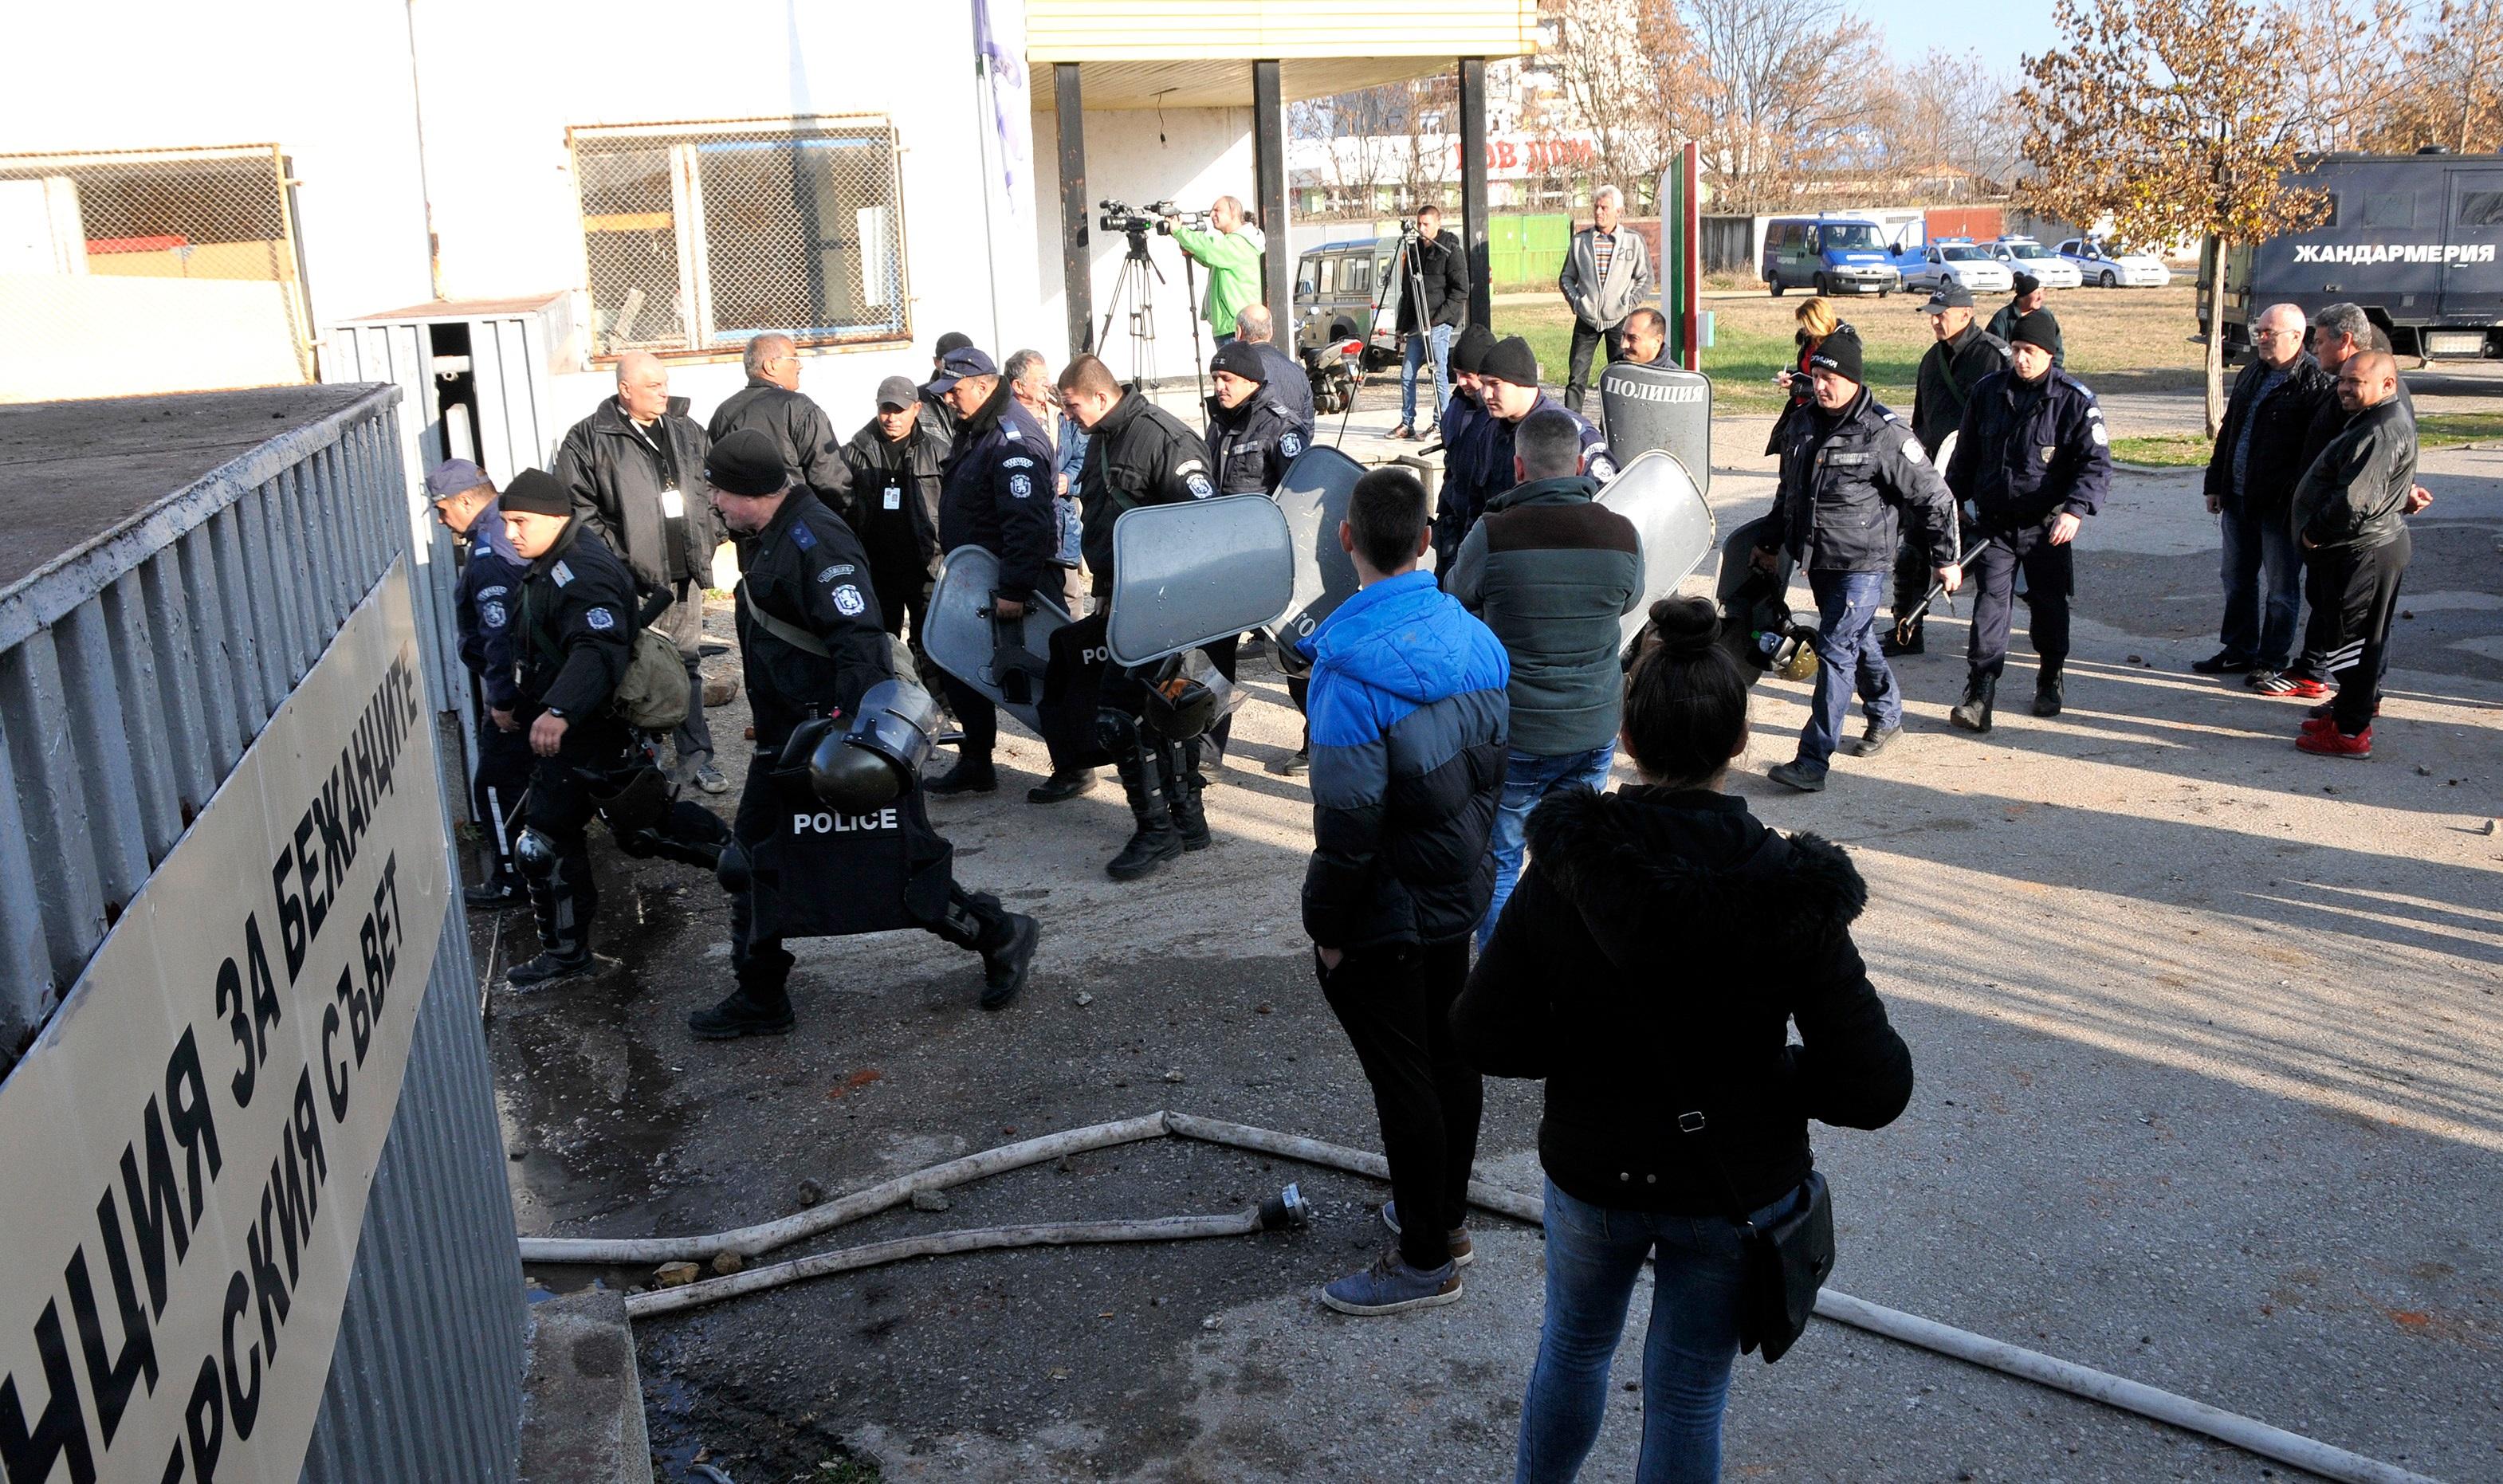 Мигрантите в центъра в Харманли се вдигнаха на бунт с искане границата със Сърбия да бъде отворена и те да сигна до Западна Европа. Полиция и жандармерия е на мястото и използва водно оръжие и гумени куршуми, за да се справи със ситуацията.